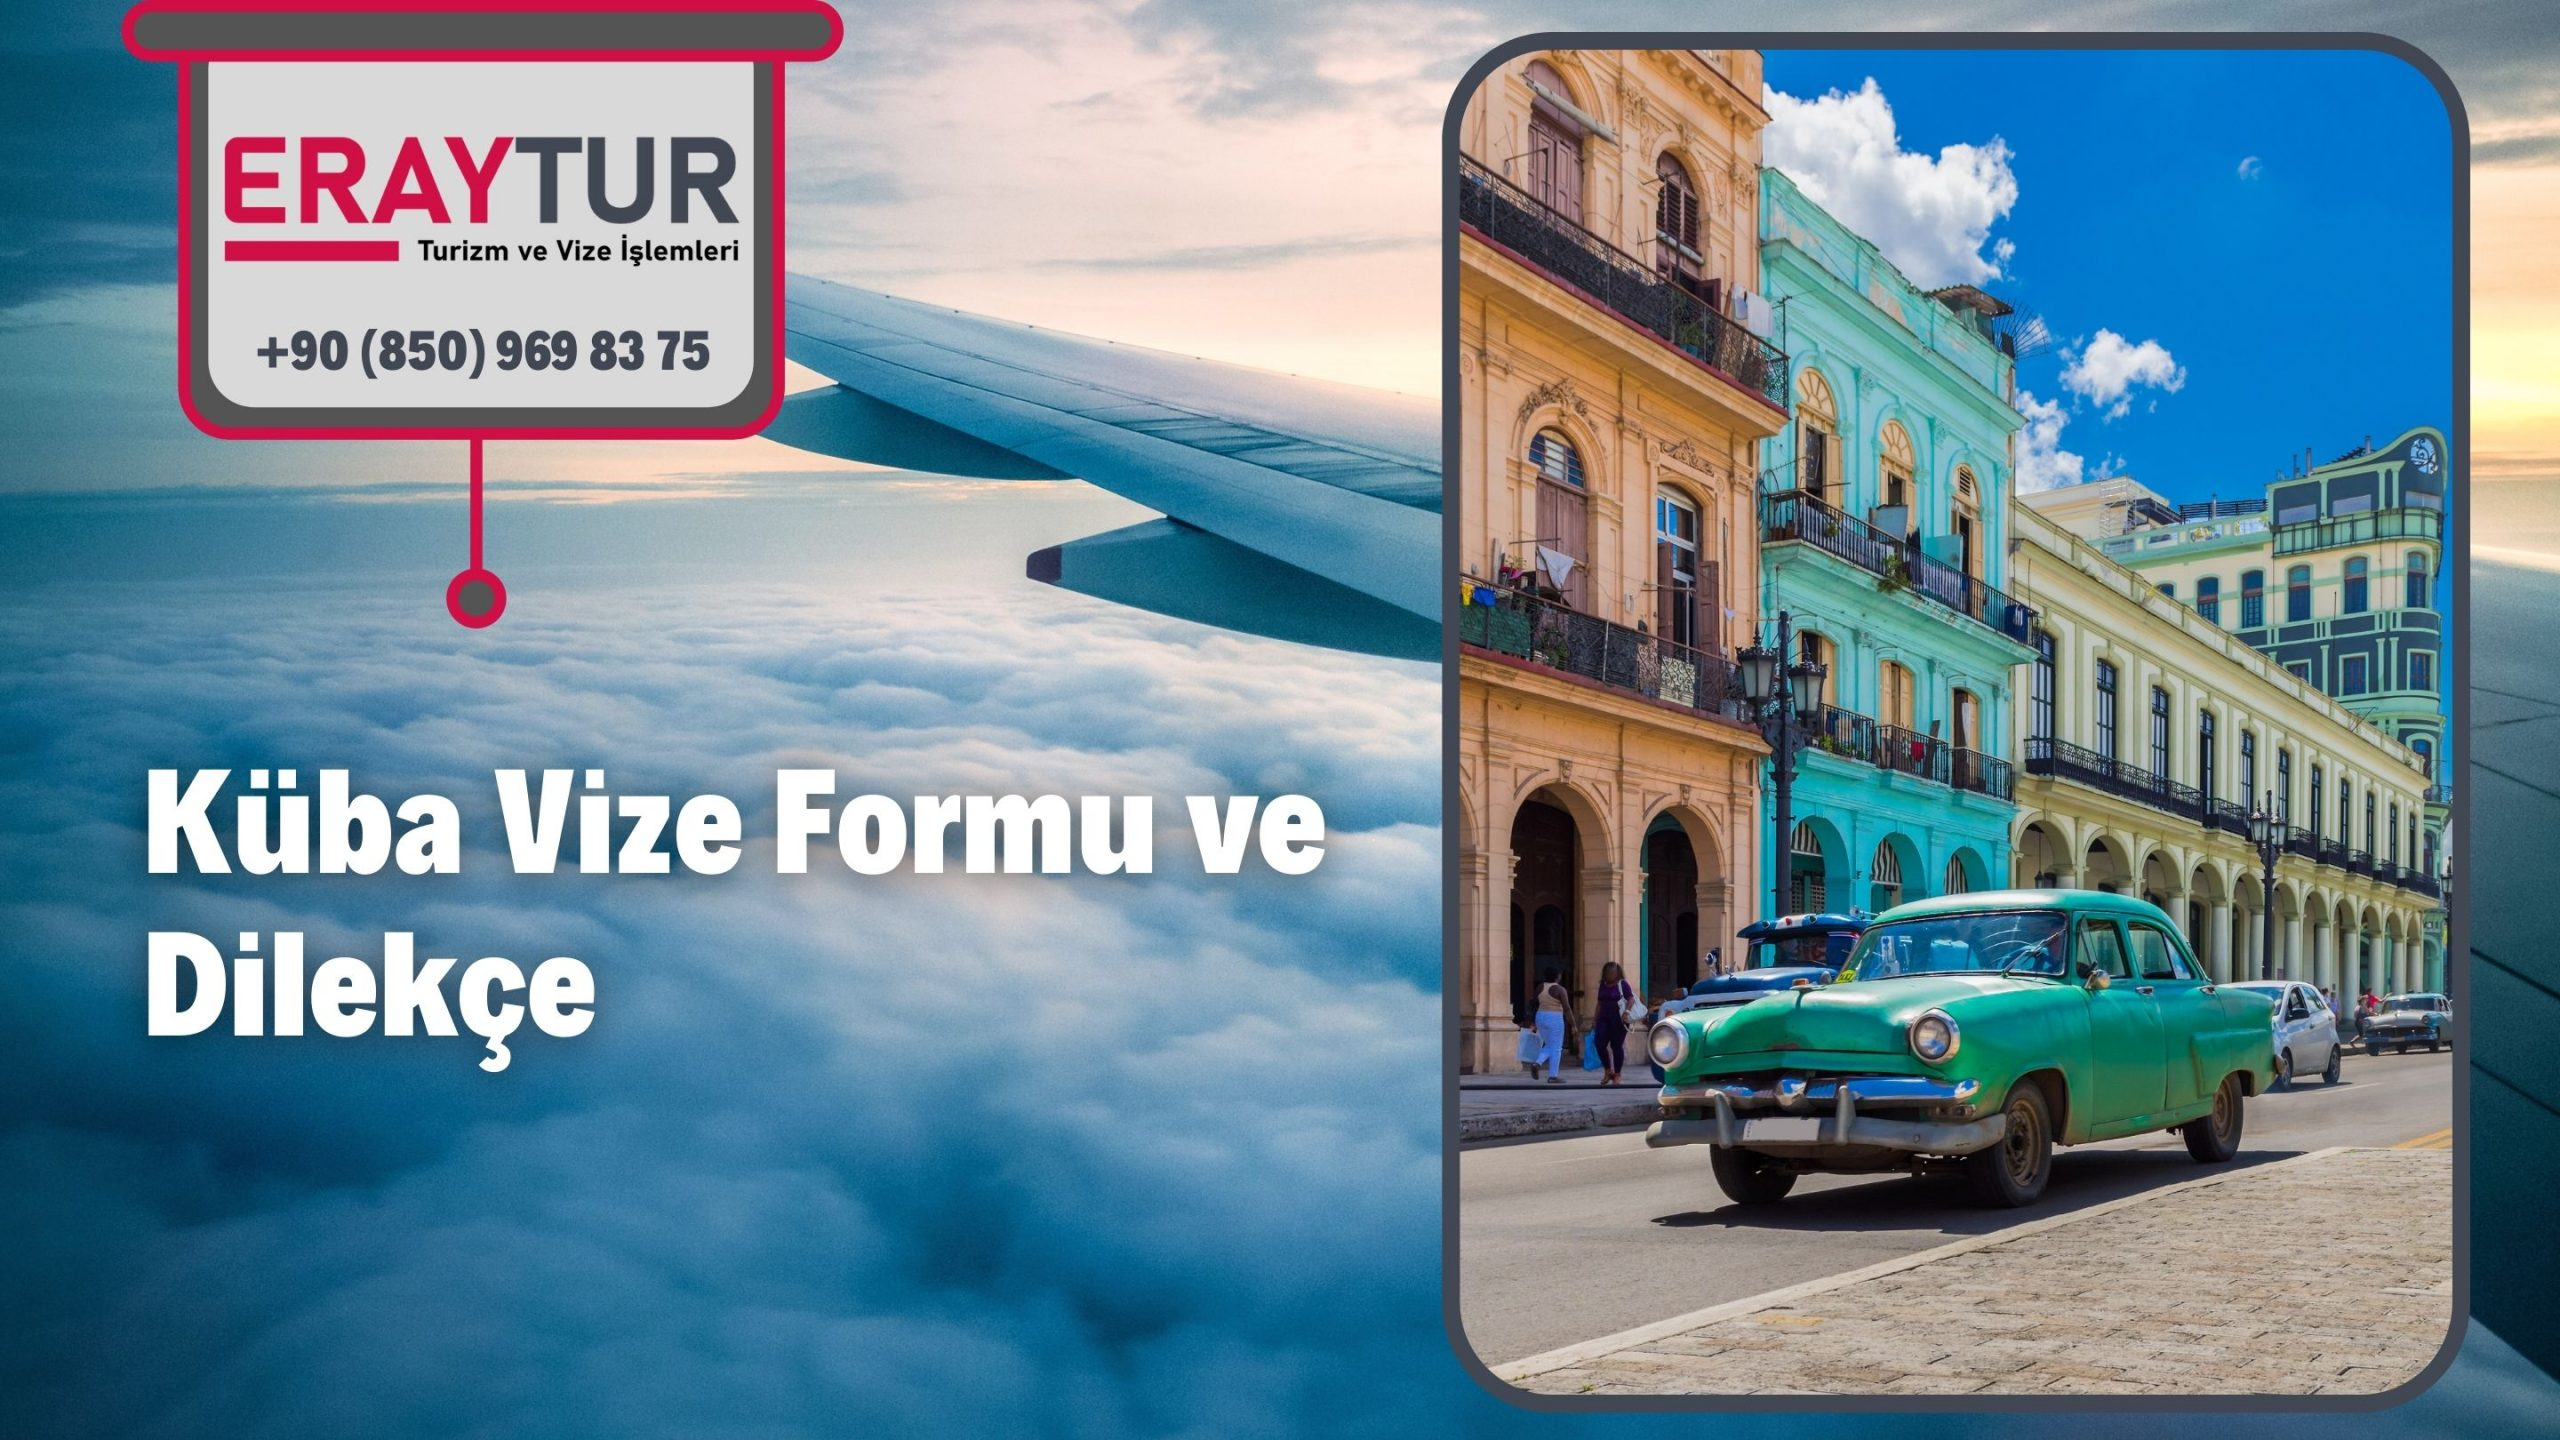 Küba Vize Formu ve Dilekçe